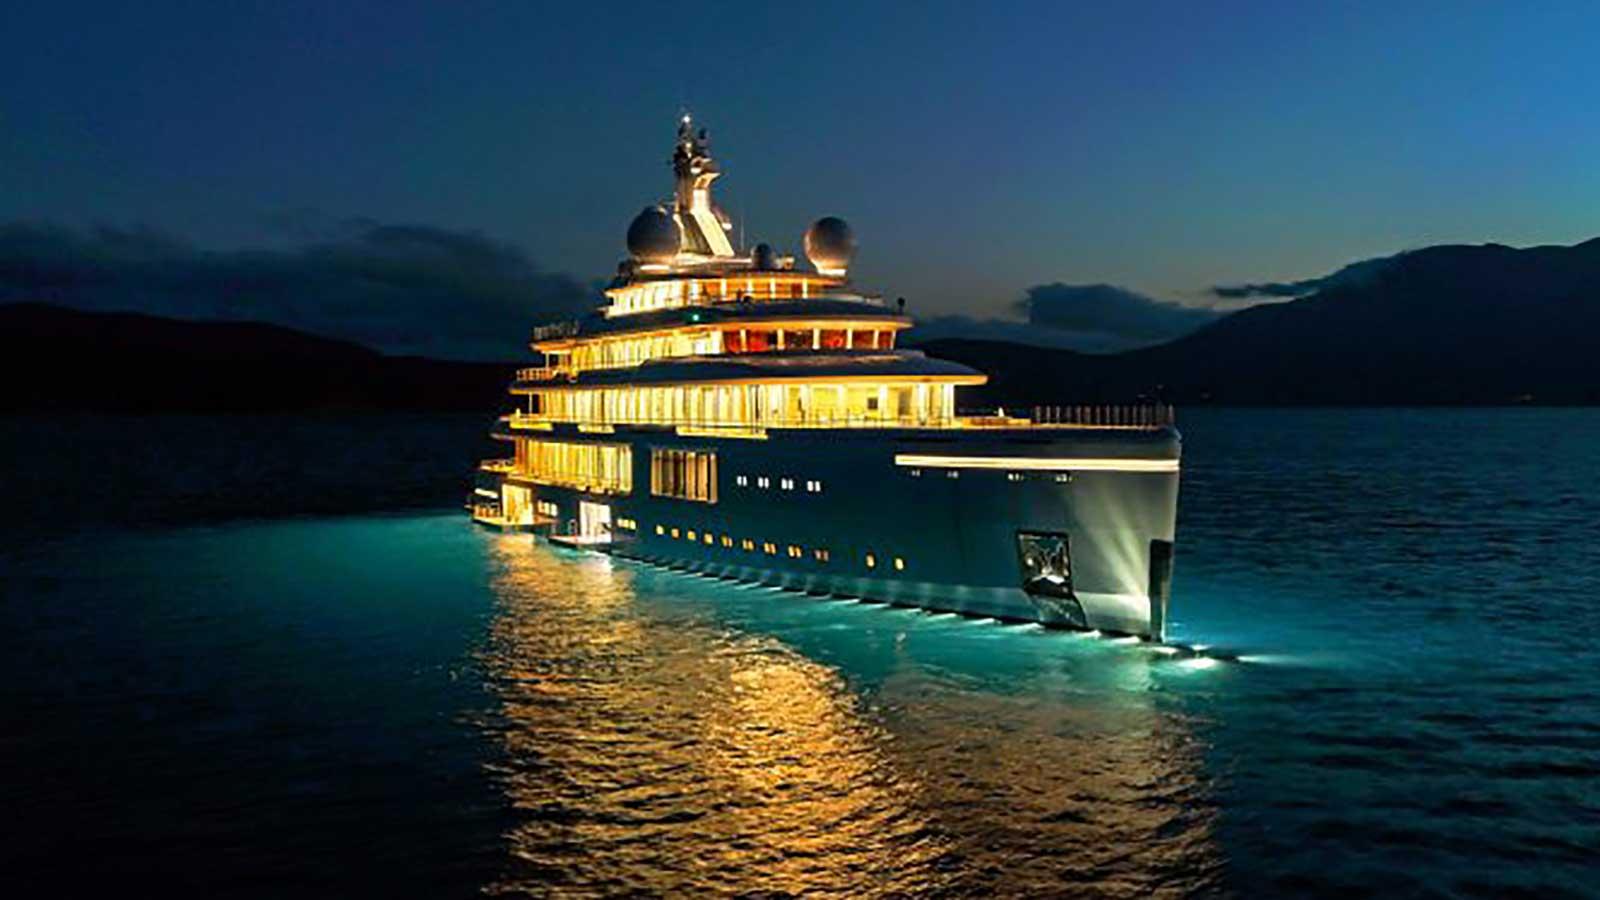 Fabulous €225,000,000 Benetti Superyacht Luminosity